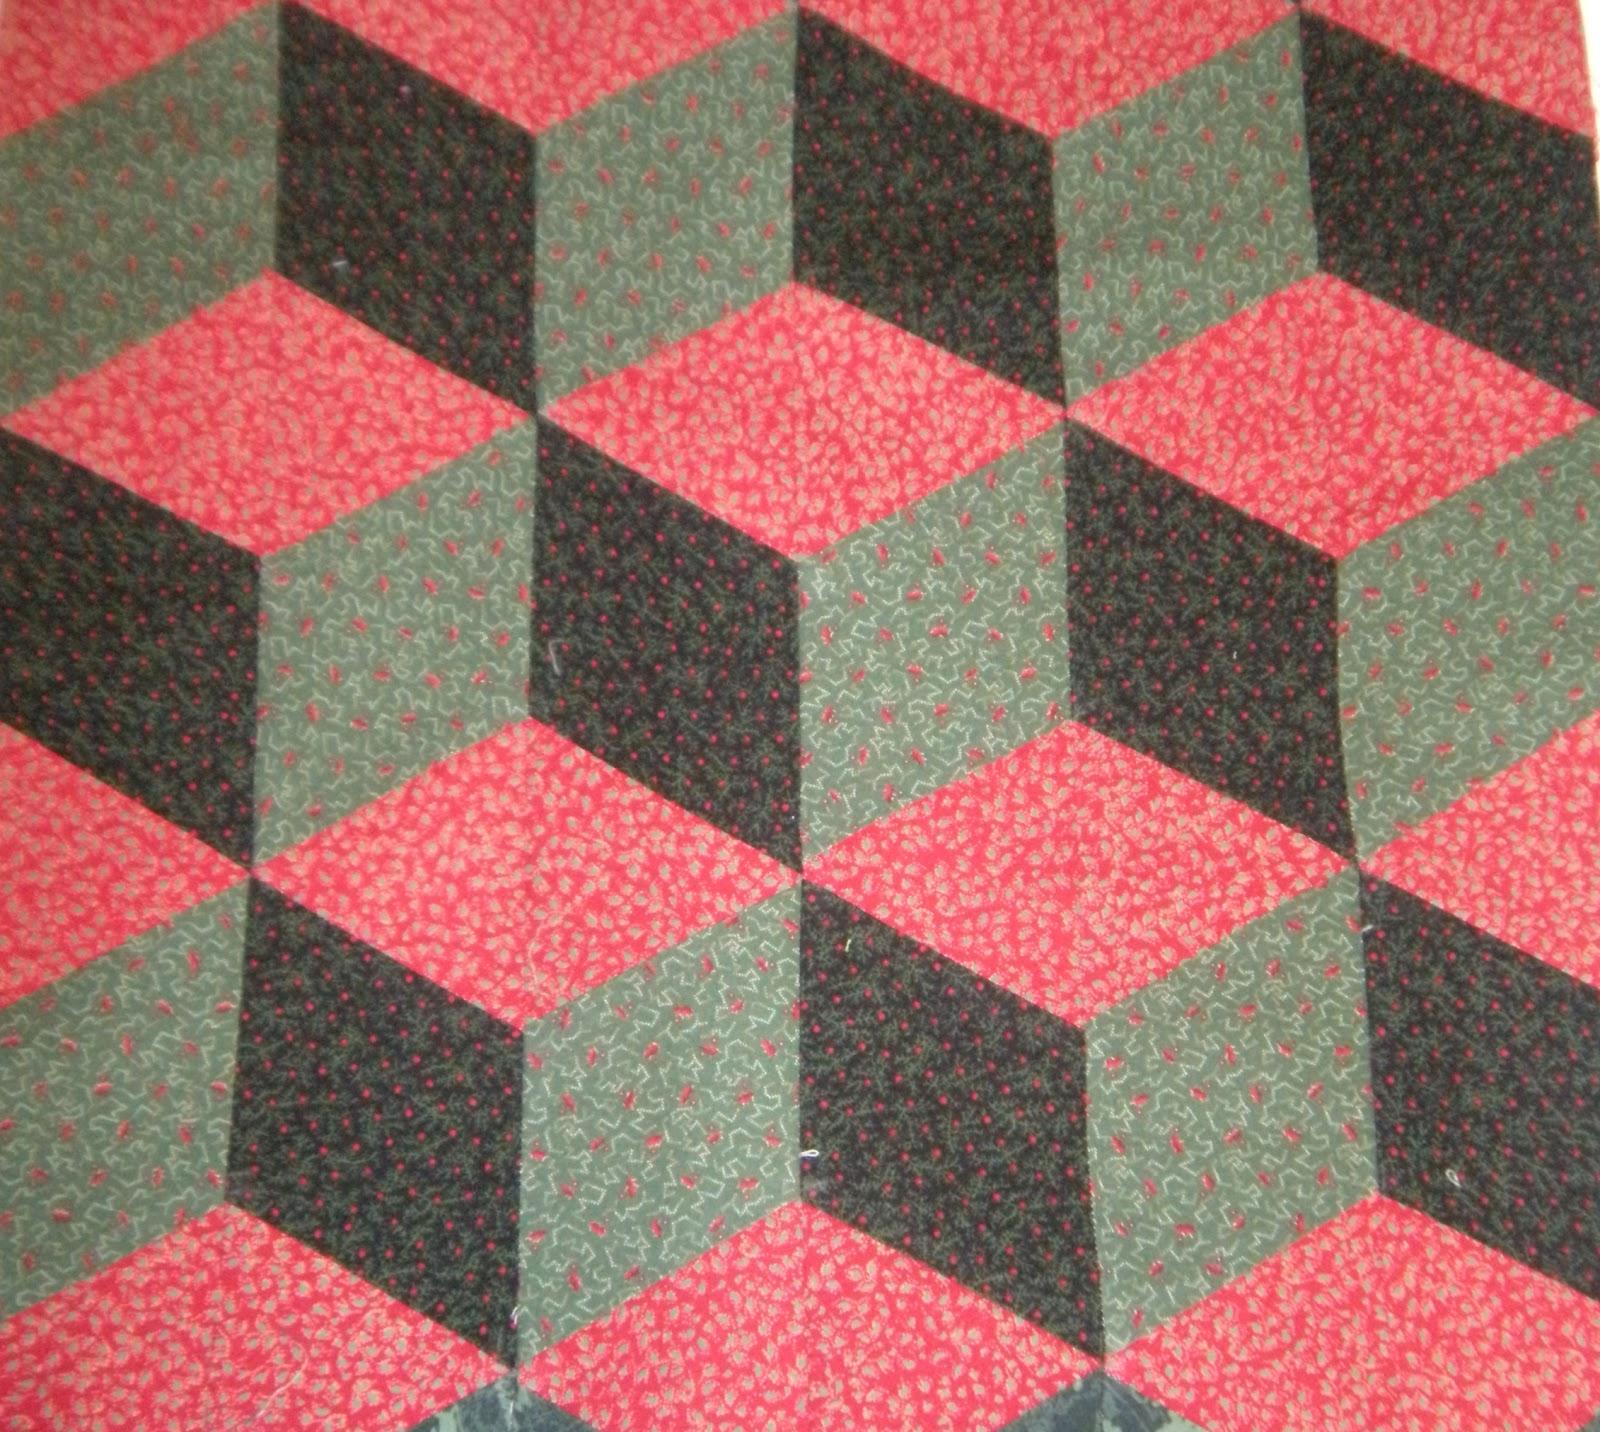 3 Fabric Quilt Patterns Unique Design